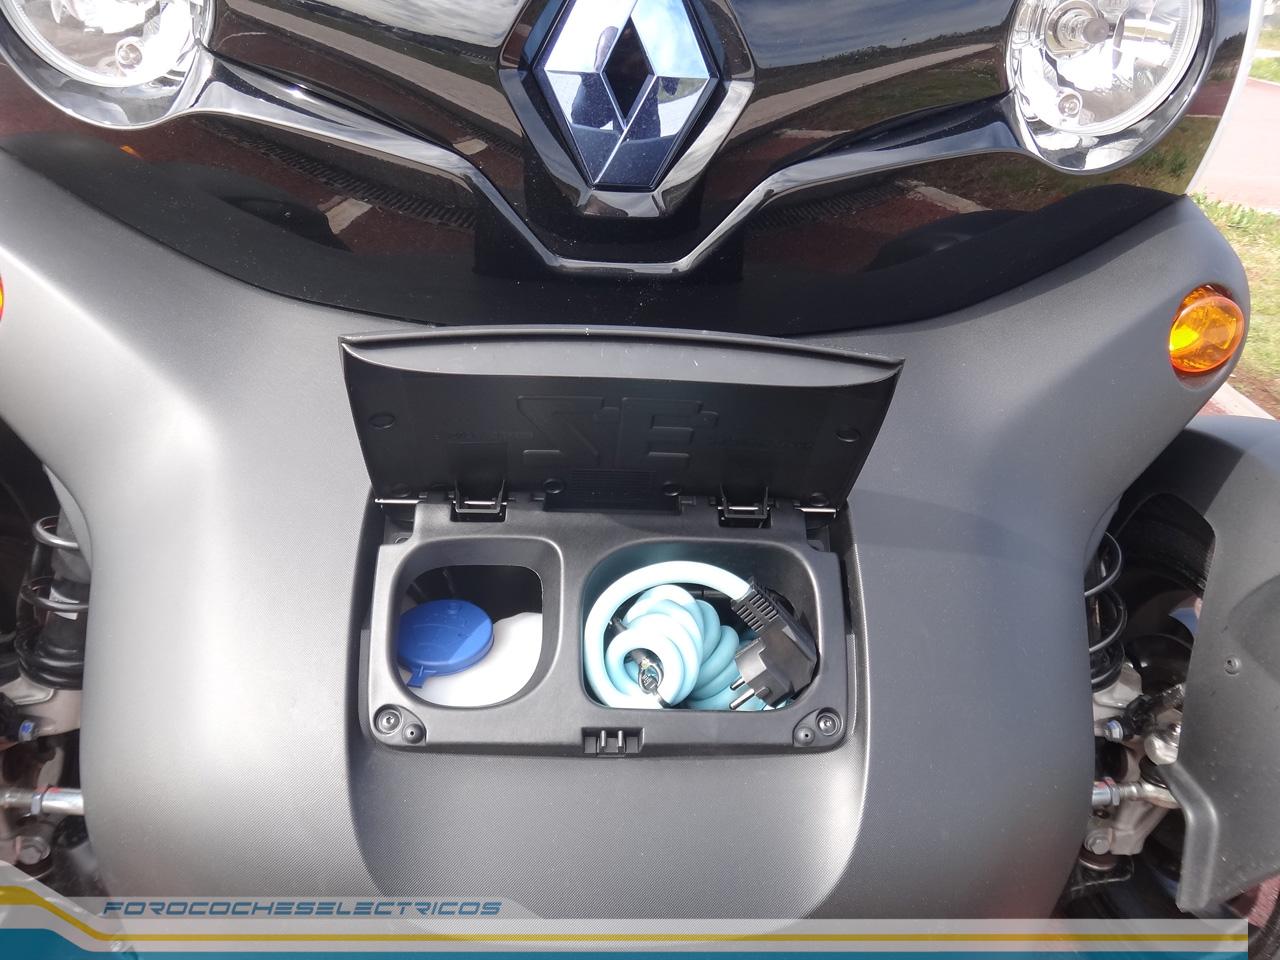 Nuestro agradecimiento a los responsables del concesionario Renault Caeiro Santiago, por cedernos amablemente la unidad del Twizy para esta prueba.